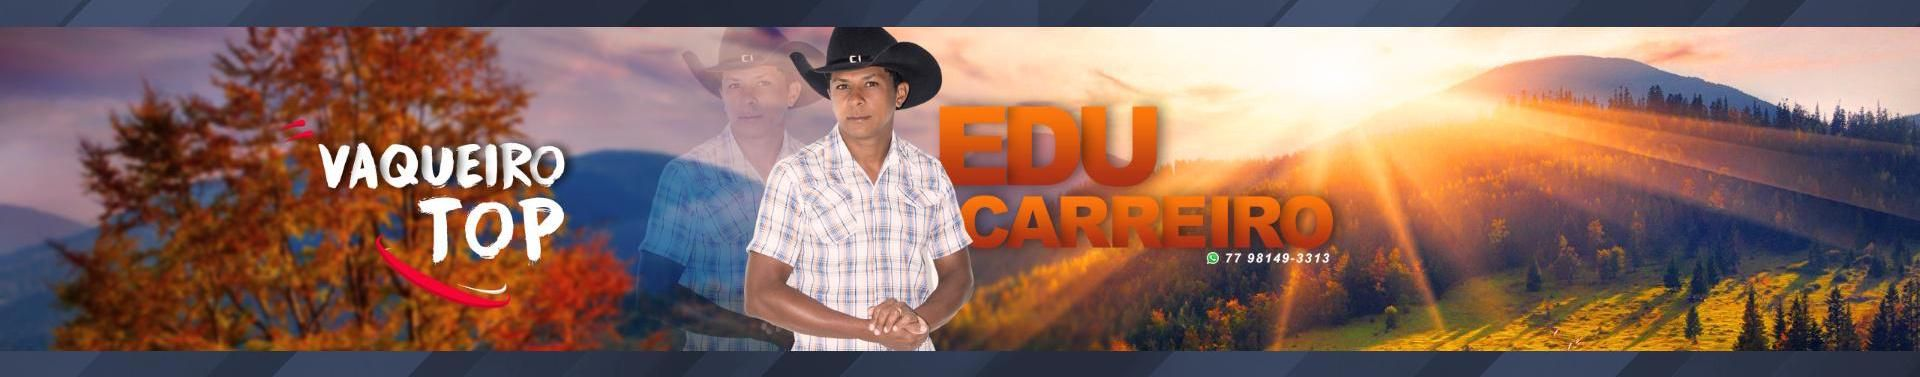 Imagem de capa de Edu Carreiro